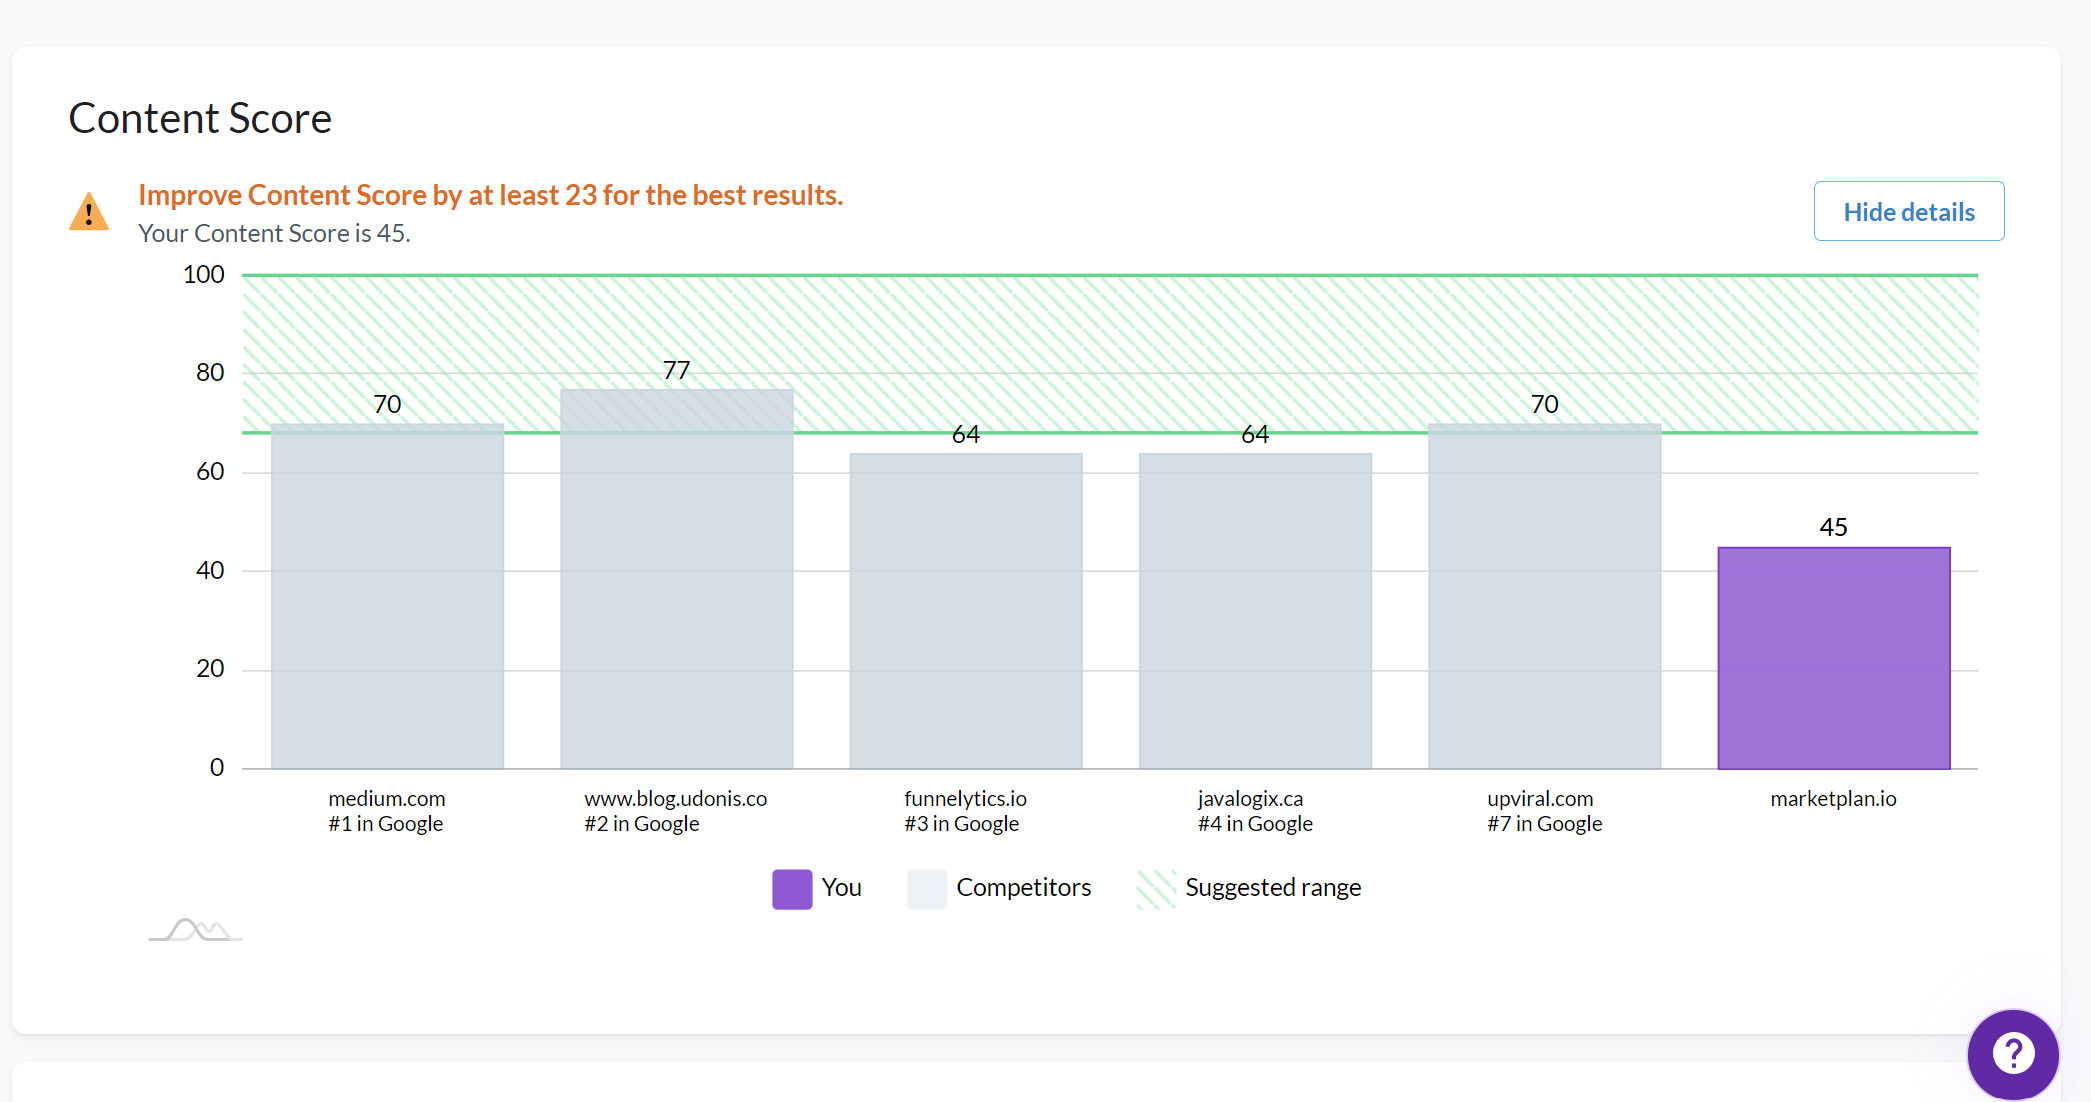 Surfer SEO - Content Audit with Content Score